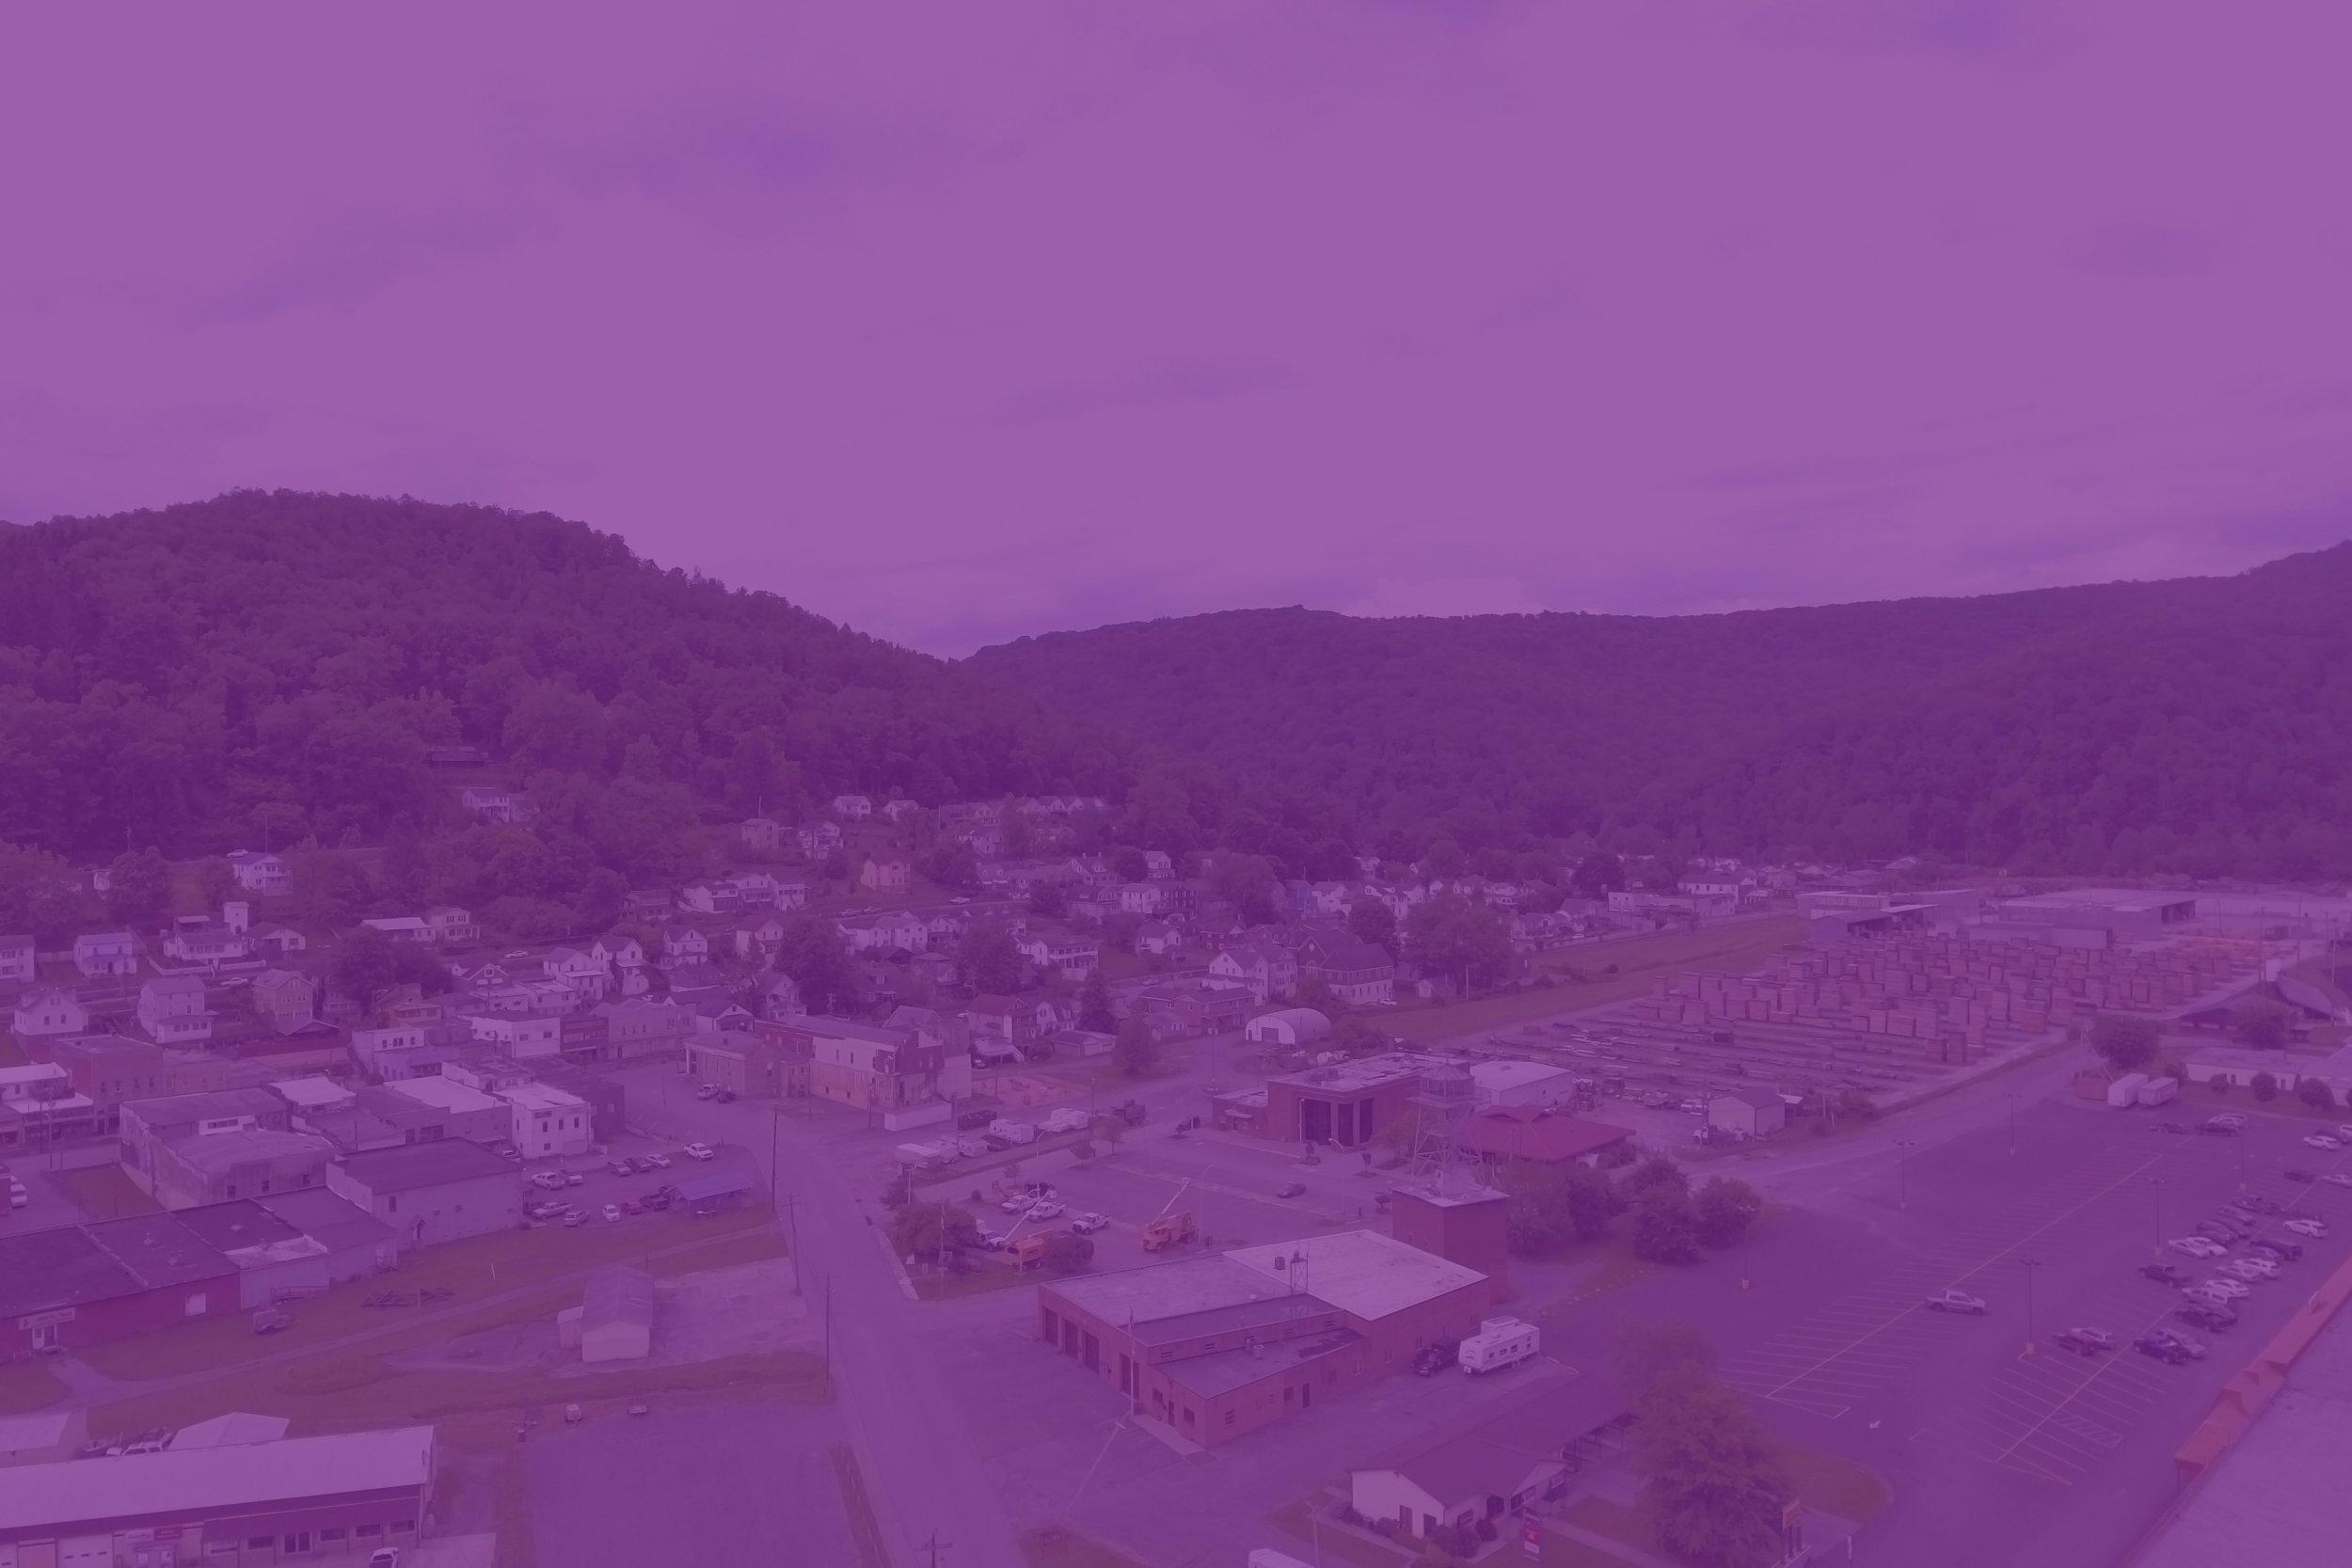 RIchwood, west virginia -